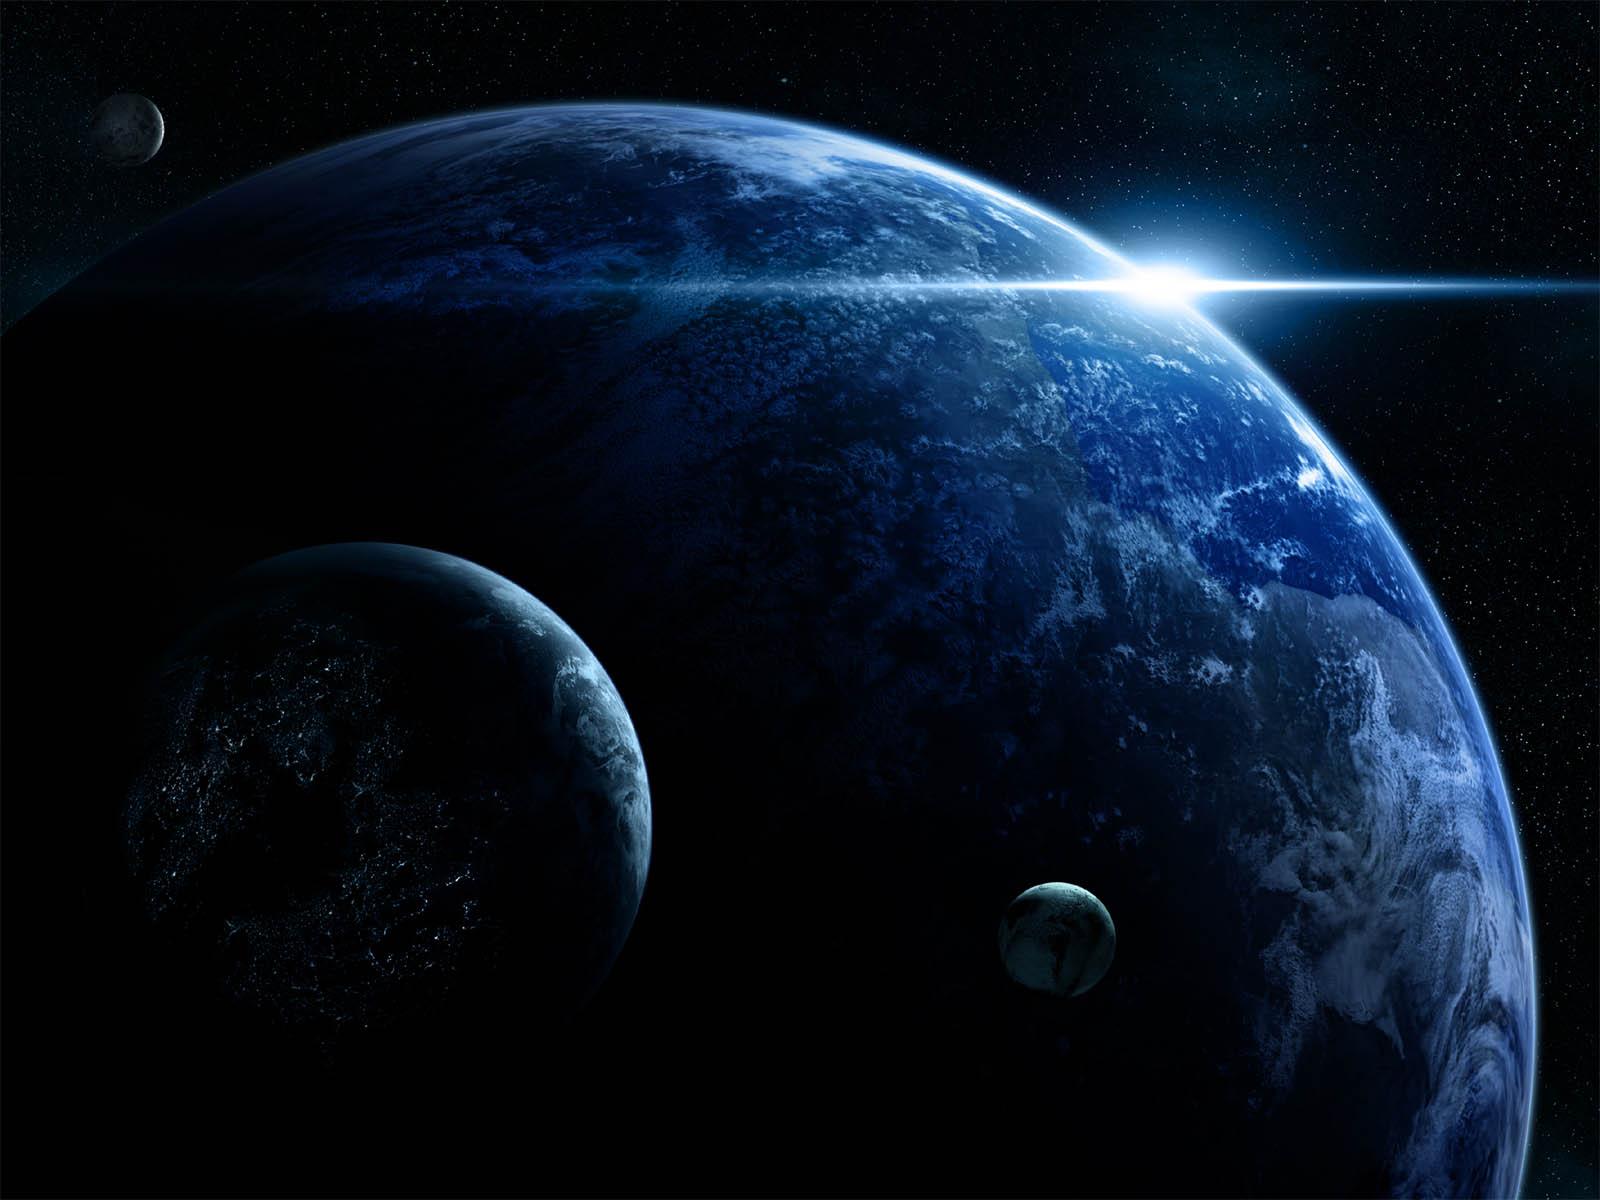 http://4.bp.blogspot.com/-c_i3dHfN218/T8esE_MCtcI/AAAAAAAAAE8/8-hyB9p-61A/s1600/3d-planets-wallpaper-hd-2.jpg